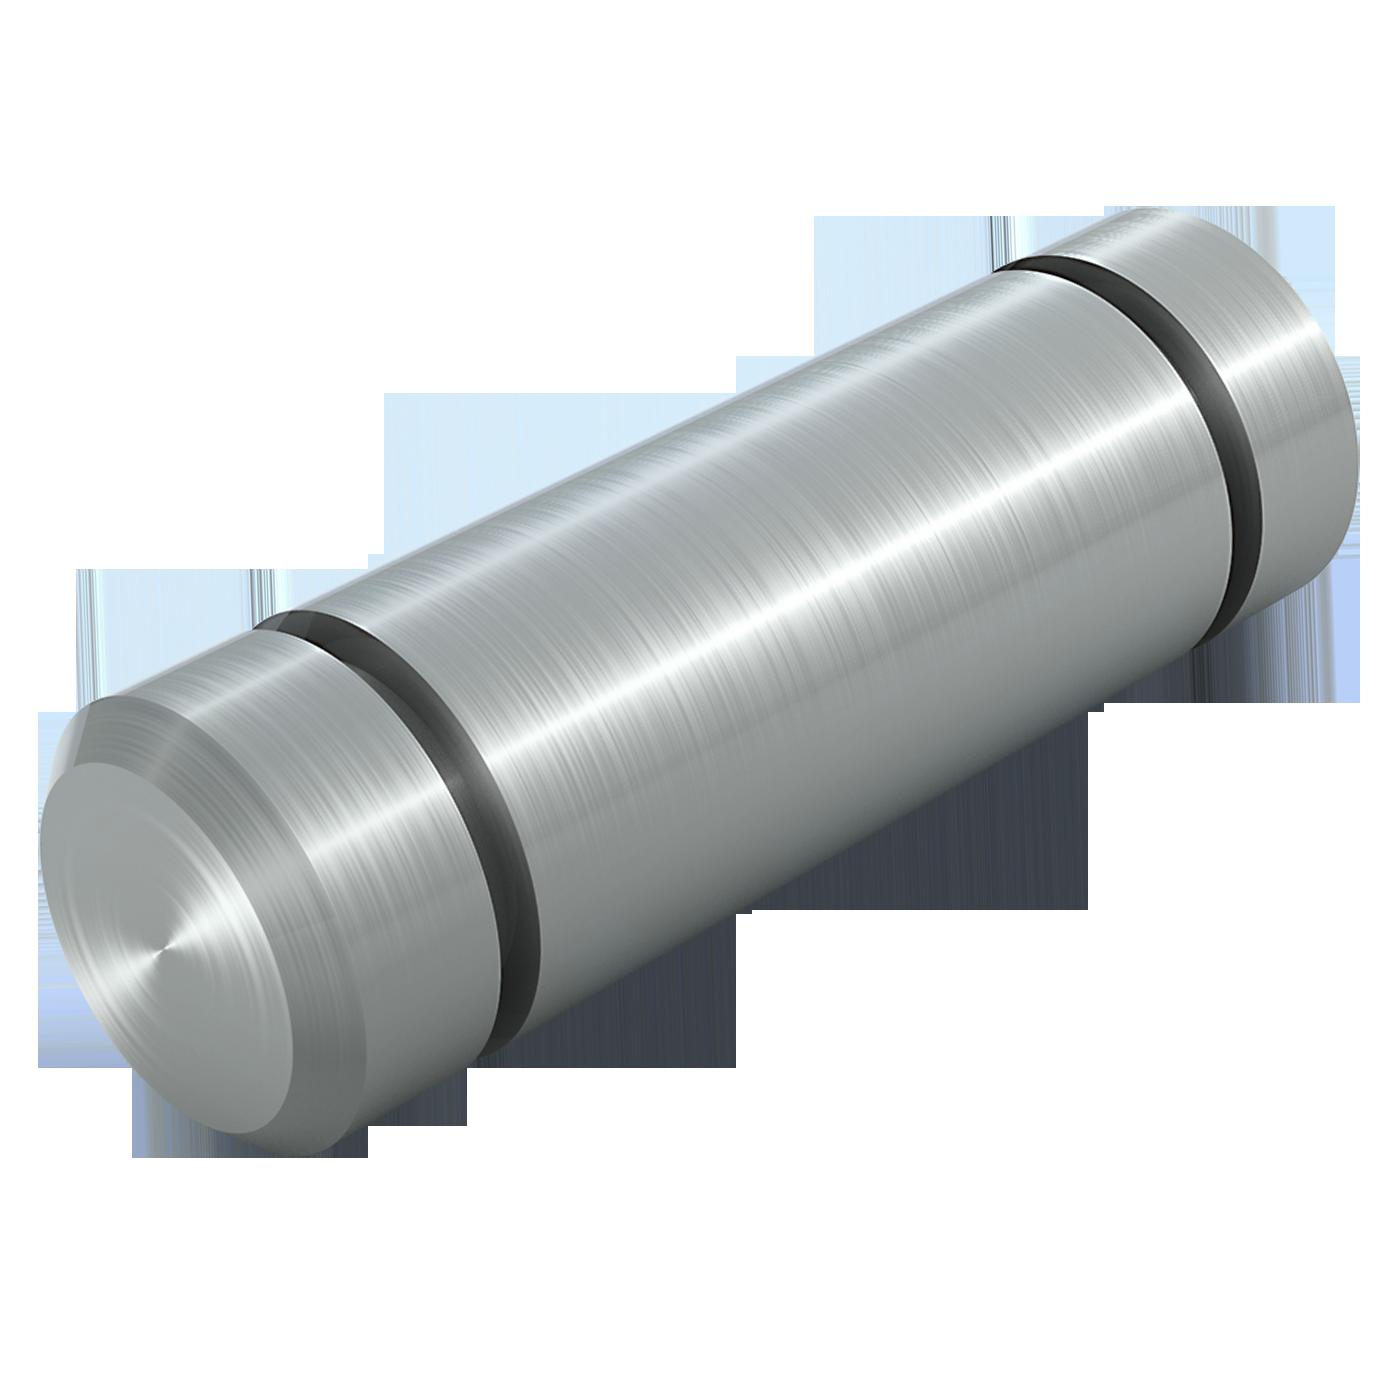 mbo Oßwald ist Produzent von Bolzen mit Einstich ohne Kopf, aus Werkstoff Automatenstahl 1.0718 oder Edelstahl 1.4305 bzw. Edelstahl 1.4404, A4 Qualität. Diese Bolzen sind ähnlich DIN 1433, DIN 1443 bzw. DIN EN 22340 und ISO 2340.